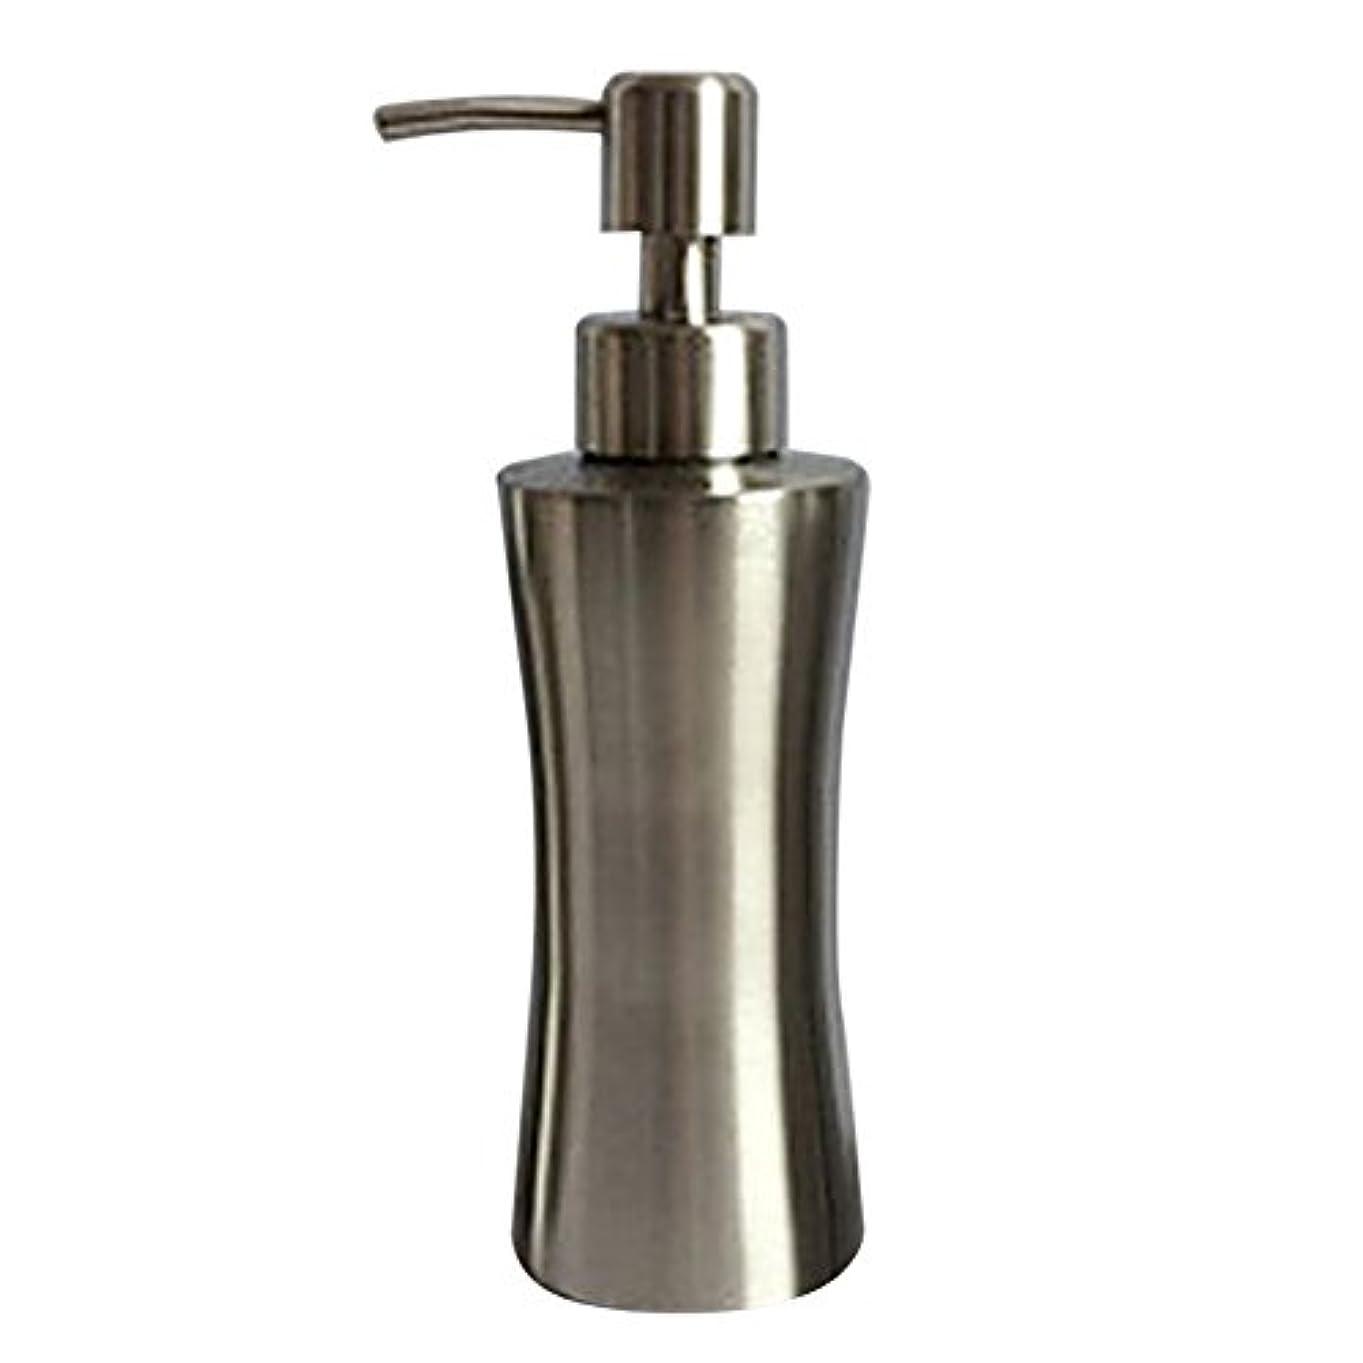 ビジュアルマイコン機知に富んだディスペンサー ステンレス ボトル 容器 ソープ 石鹸 シャンプー 手洗いボトル 耐久性 錆びない 220ml/250ml/400ml (B:250ml)